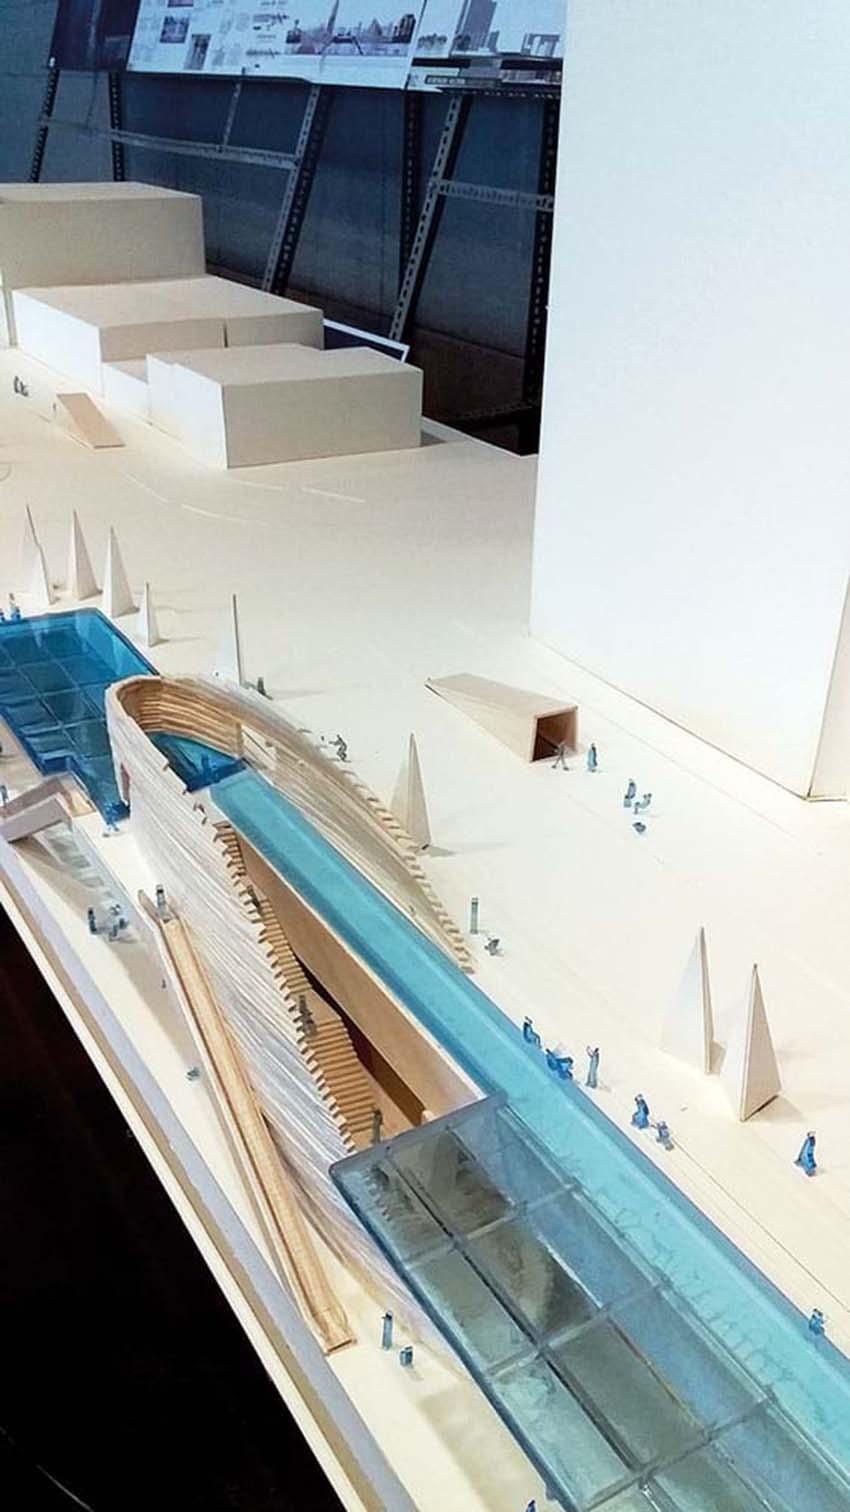 Thi ý tưởng thiết kế khu vực chợ Bến Thành và đại lộ Lê Lợi: Đâu rồi những hạt ngọc di sản -3